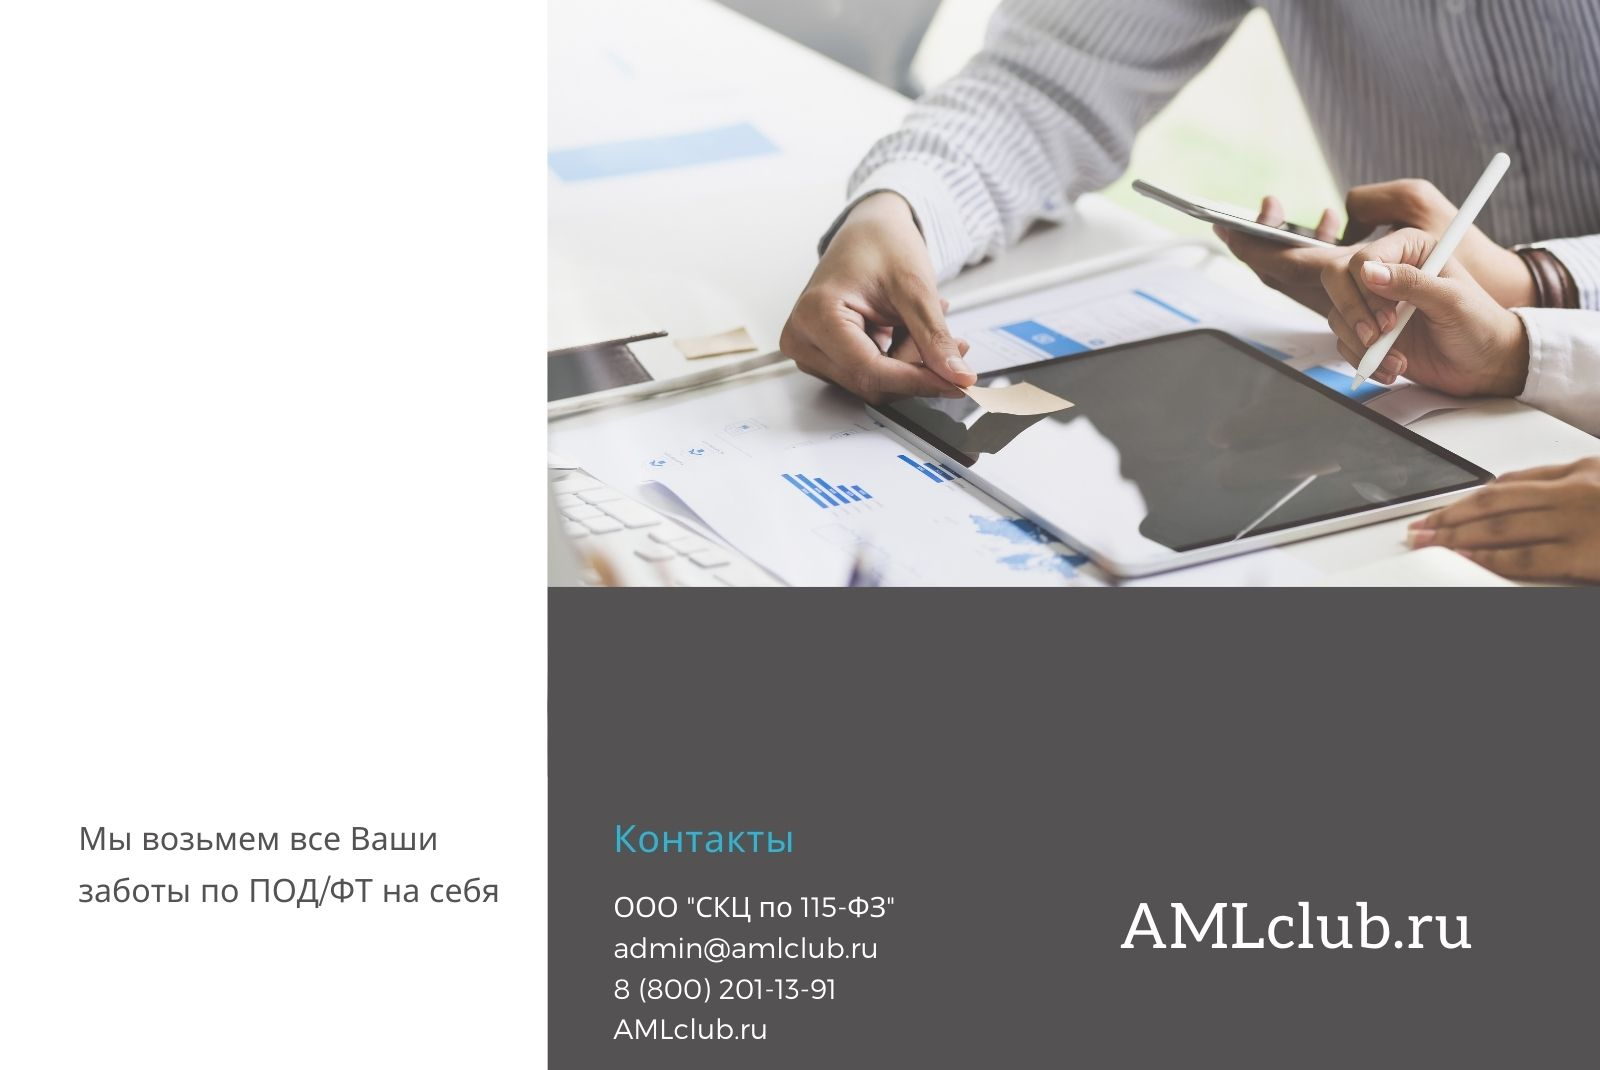 Услуги AMLclub.ru